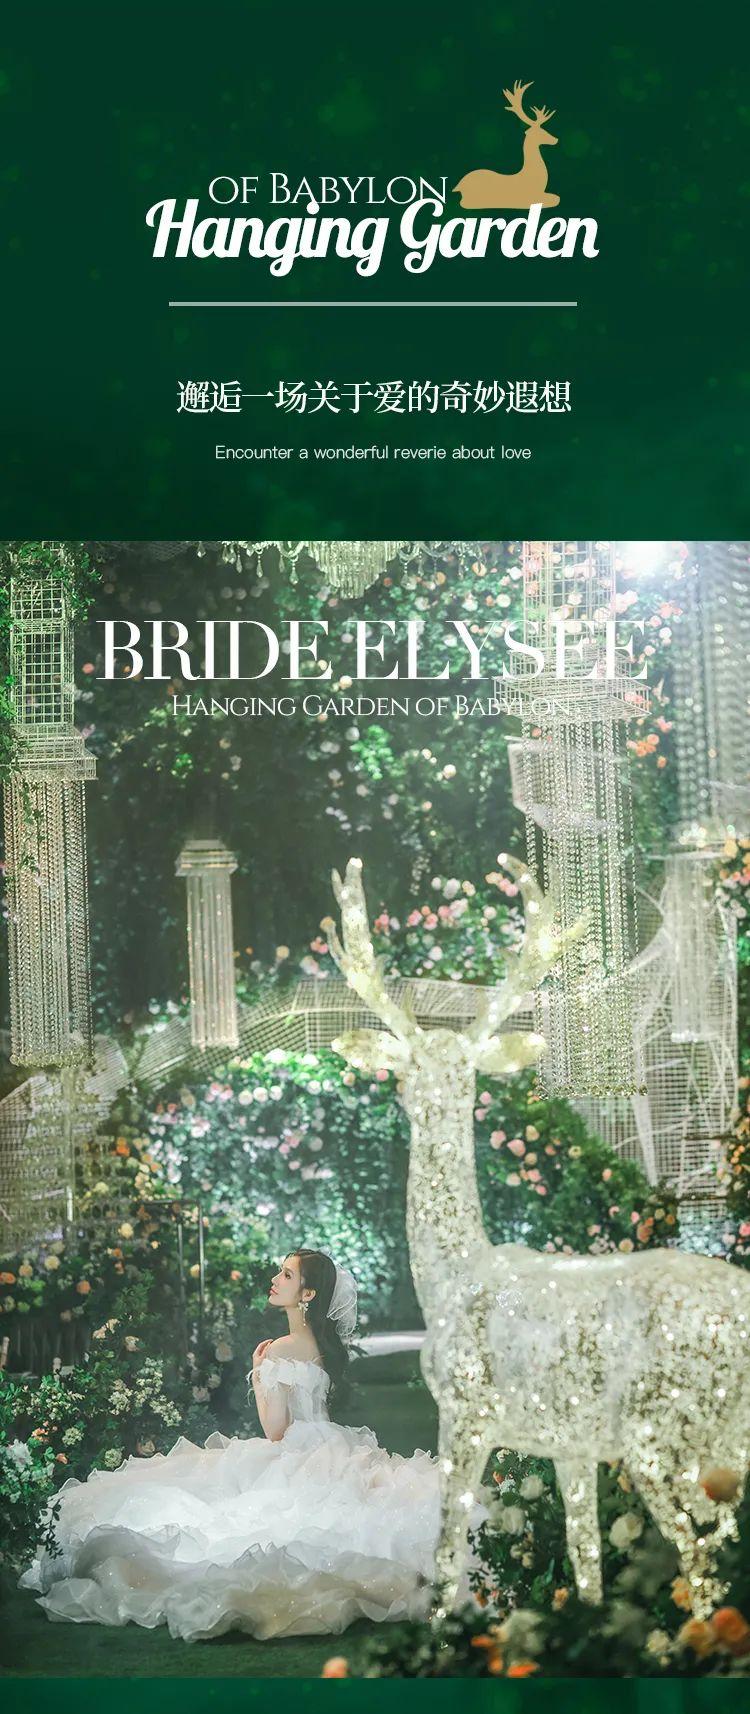 婚礼堂发布:花嫁丽舍全新主题《空中巴比伦》  第10张